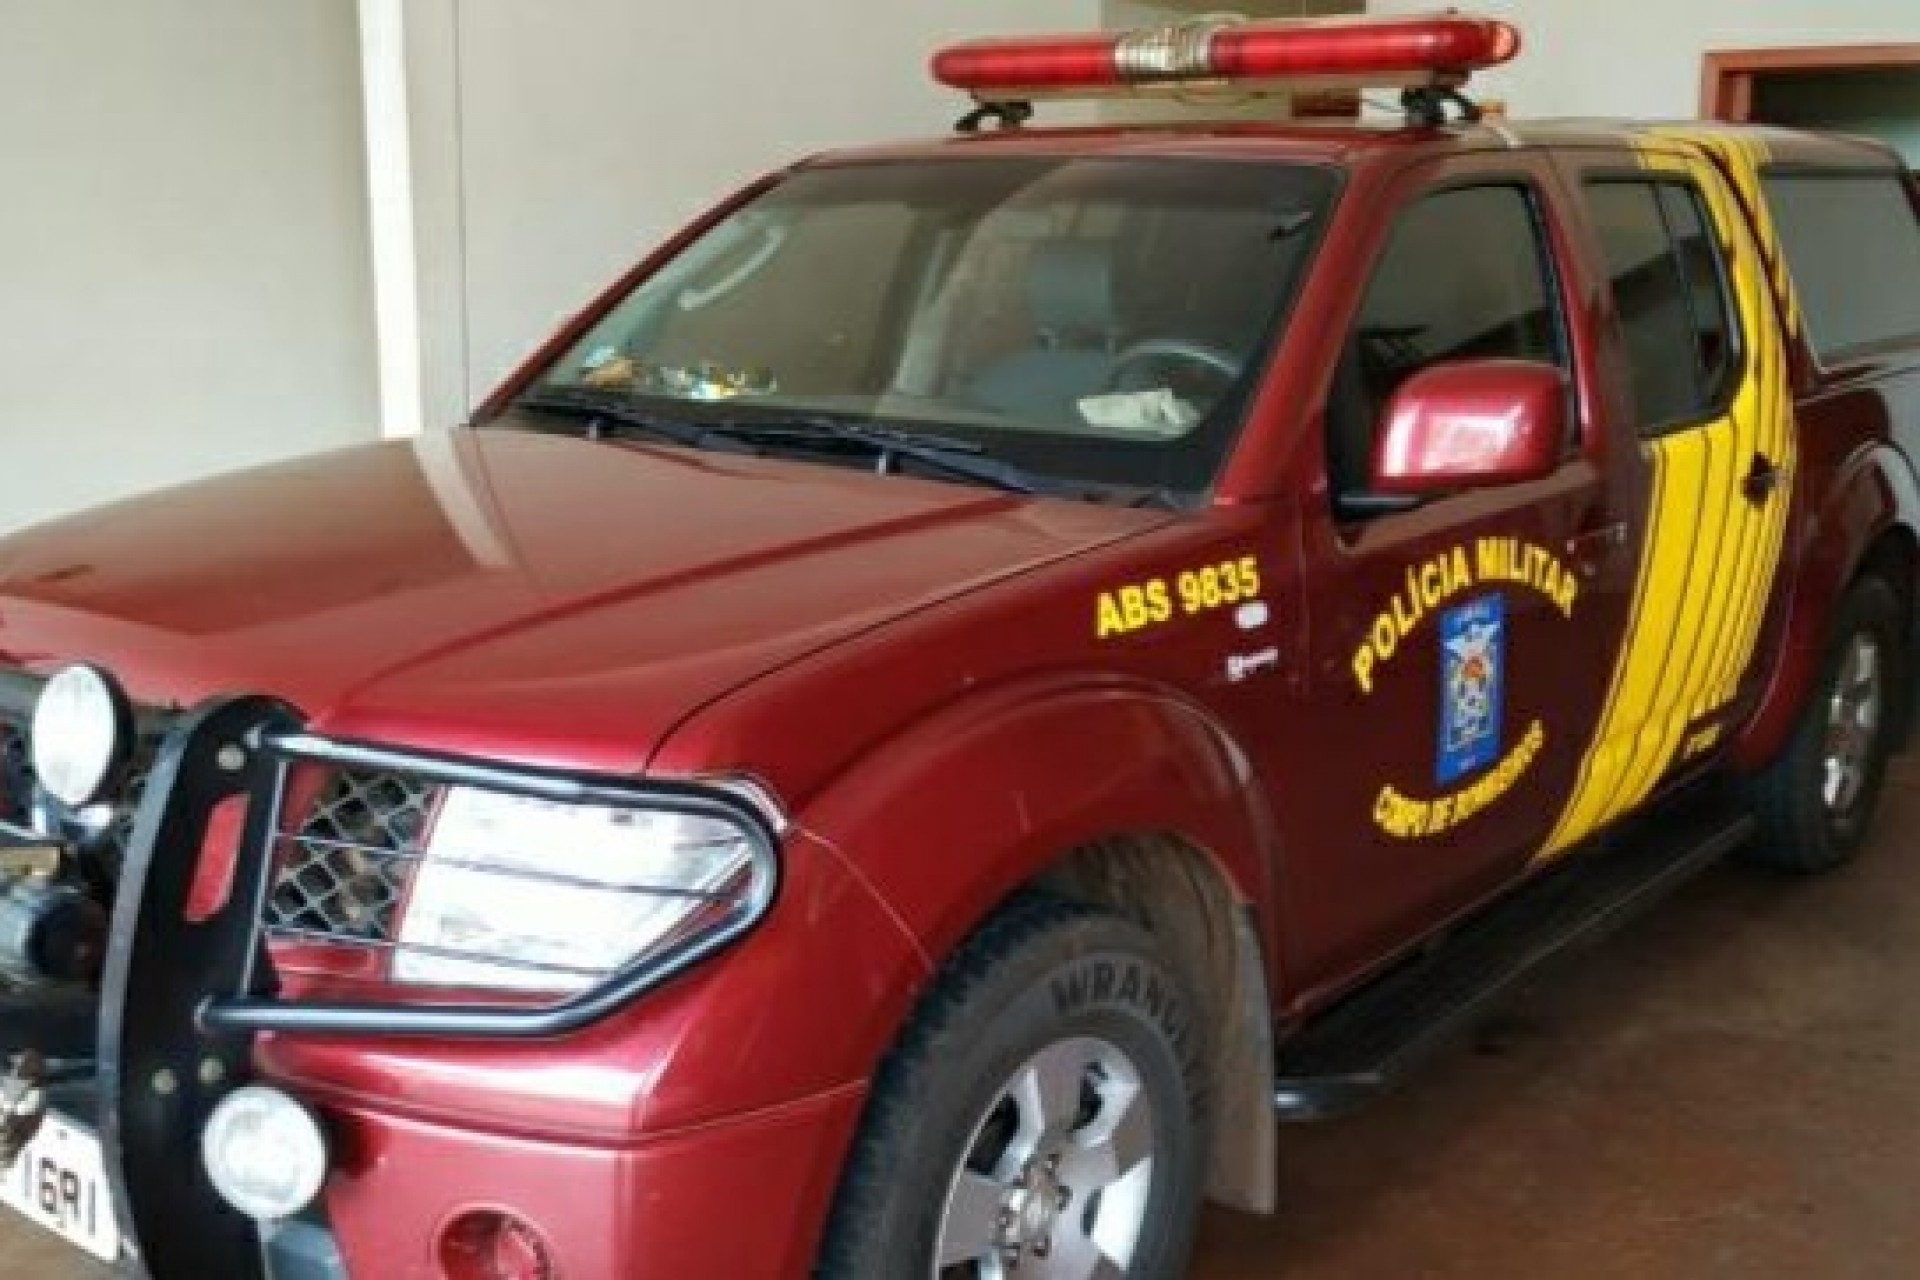 Corpo de Bombeiros de Santa Helena inicia buscas por homens desaparecidos no Lago de Itaipu